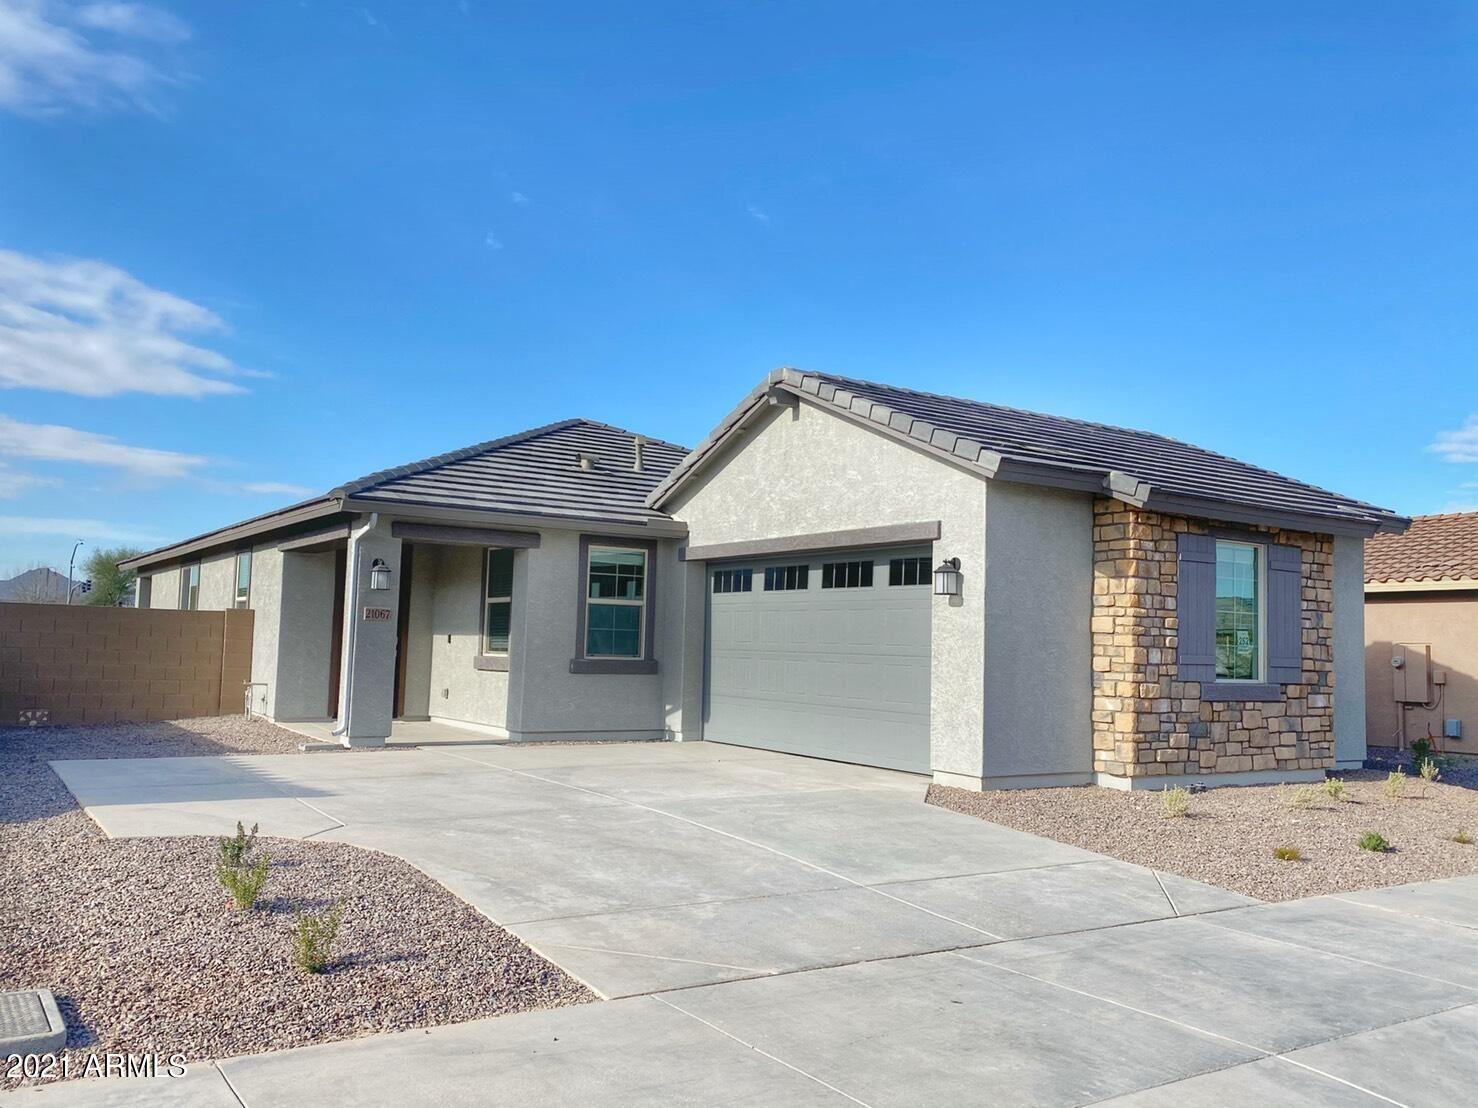 Photo of 21067 E ESTRELLA Road, Queen Creek, AZ 85142 (MLS # 6202435)